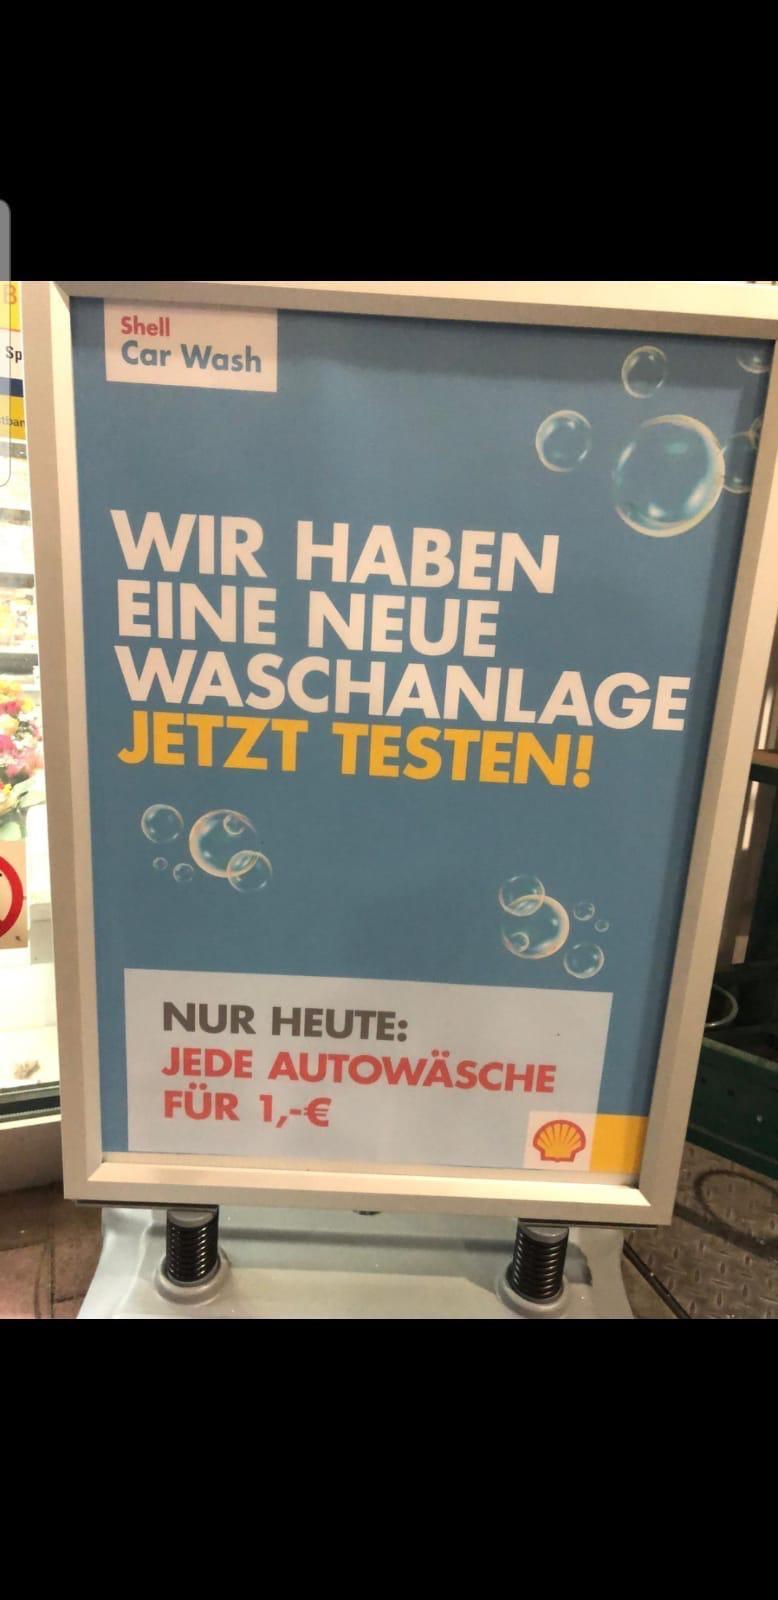 [LOKAL] Shell Neckarsulm - Autowäsche für 1€